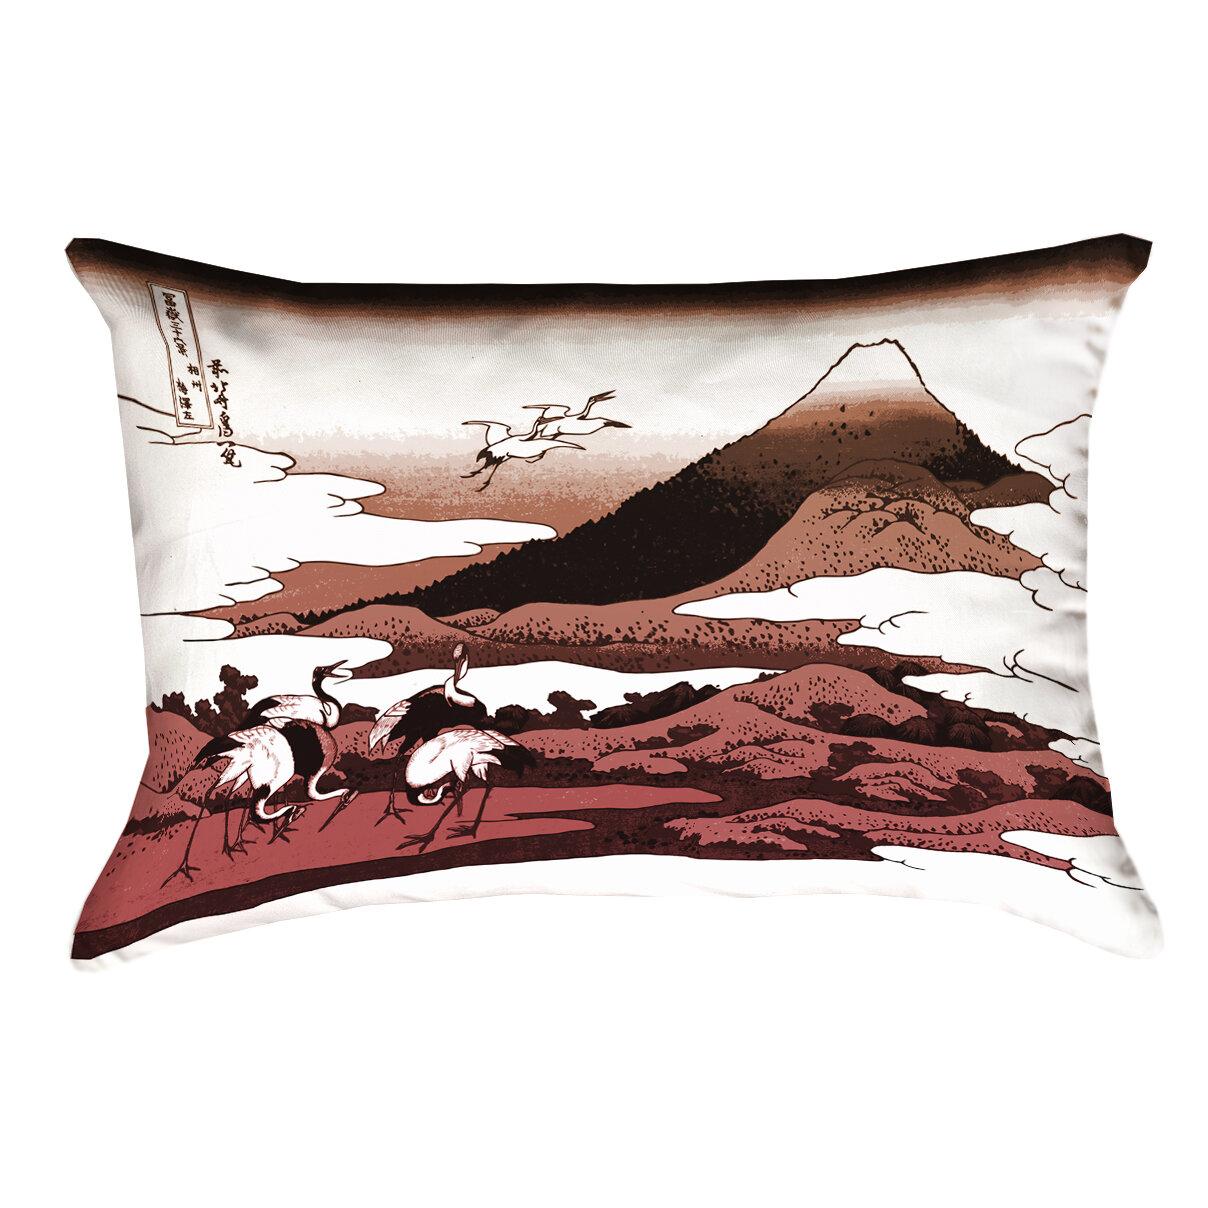 Bloomsbury Market Montreal Japanese Cranes Rectangular Double Sided Print Lumbar Pillow Wayfair